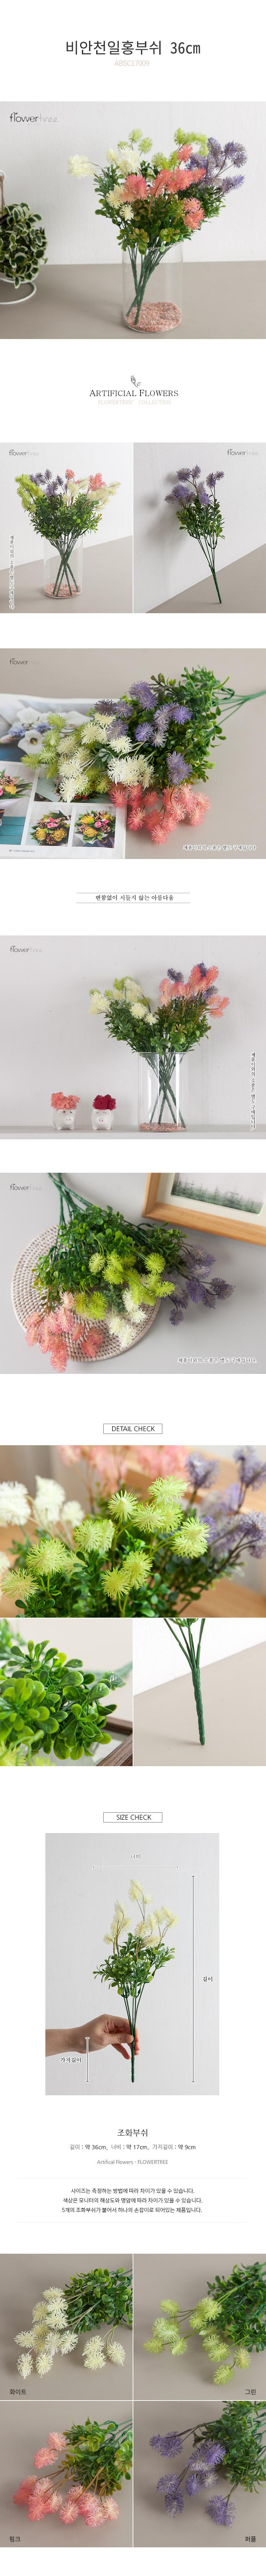 비안천일홍부쉬 36cm [조화] - 플라워트리, 2,900원, 조화, 비누꽃